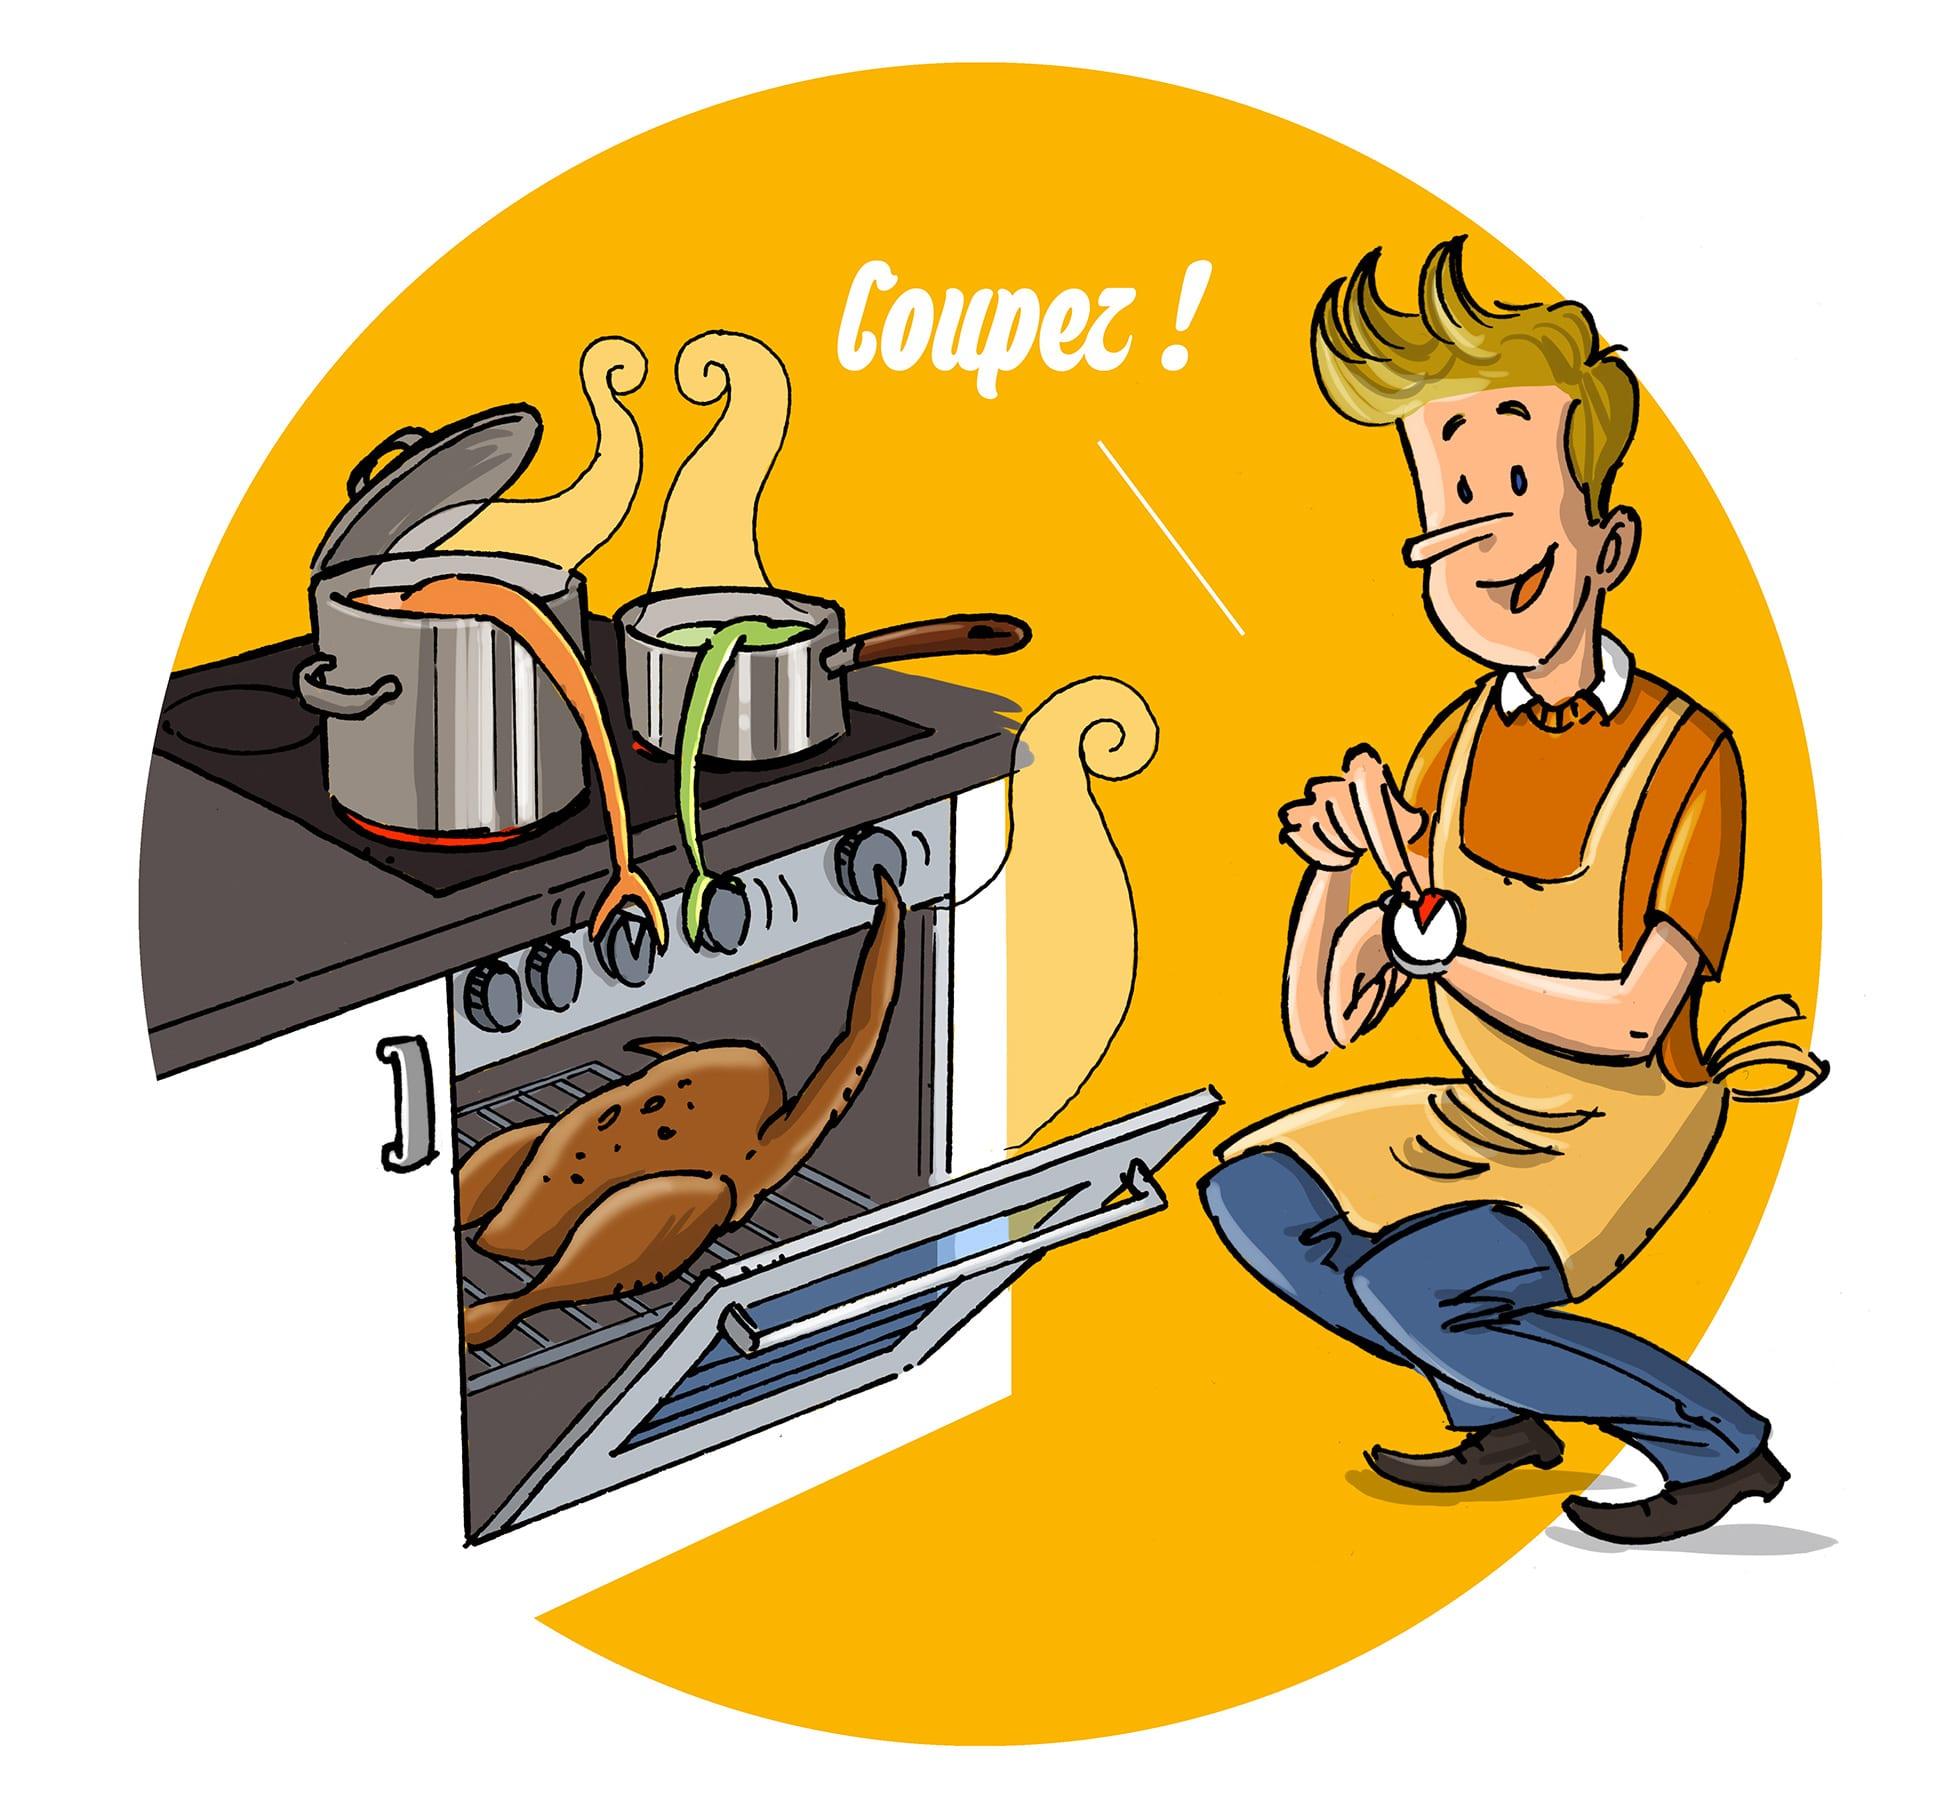 Conseil énergie - Coupez les taques électriques et votre four 5 minutes avant la fin de la cuisson